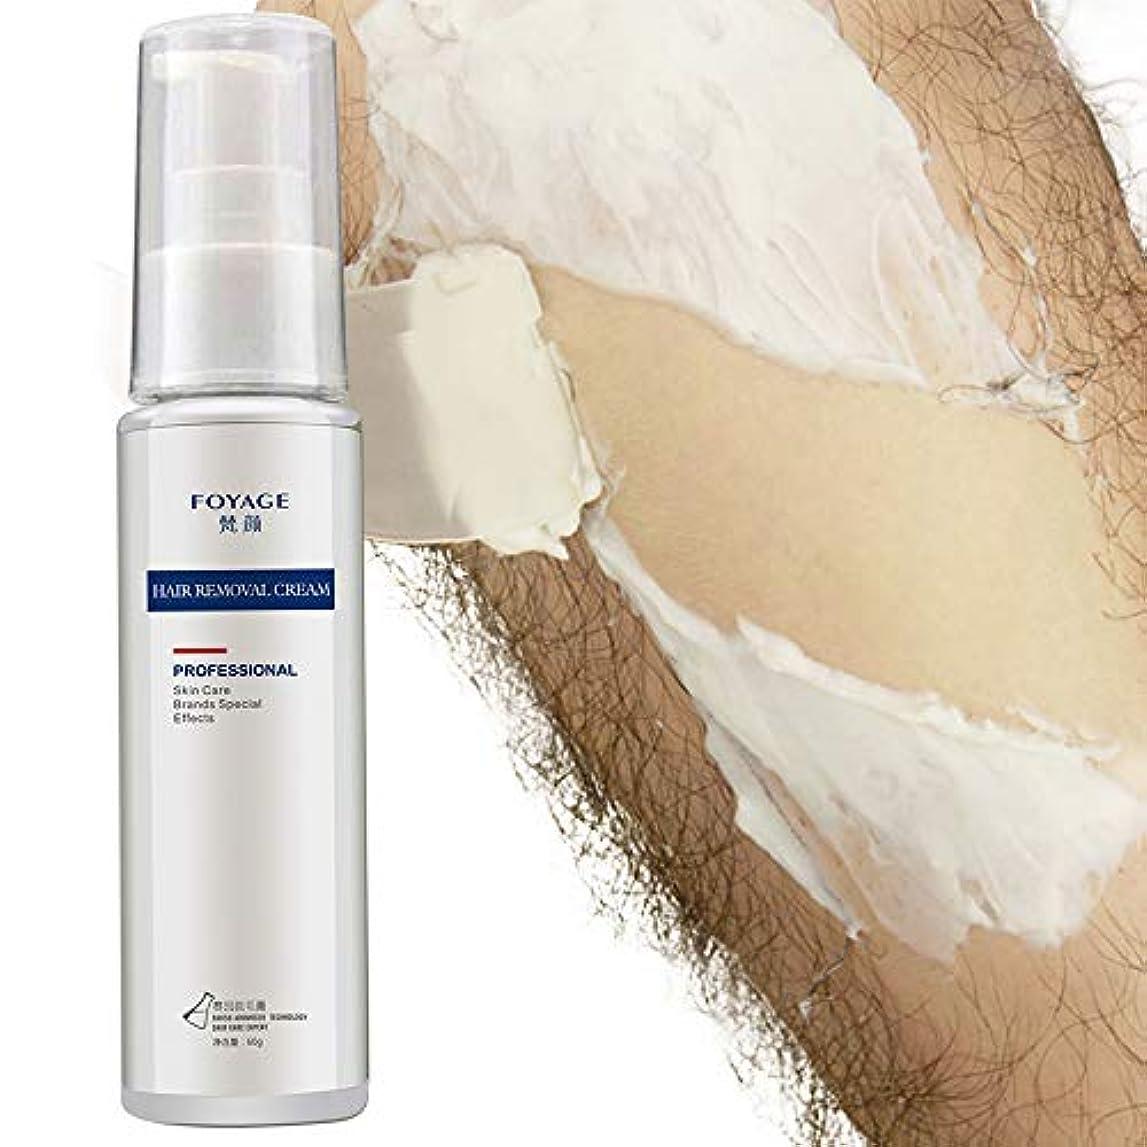 一貫性のないキルト放散するFOYAGE 脱毛 クリーム60g (剛毛、脚毛、胸毛) 用 顔と陰部に使用 禁止